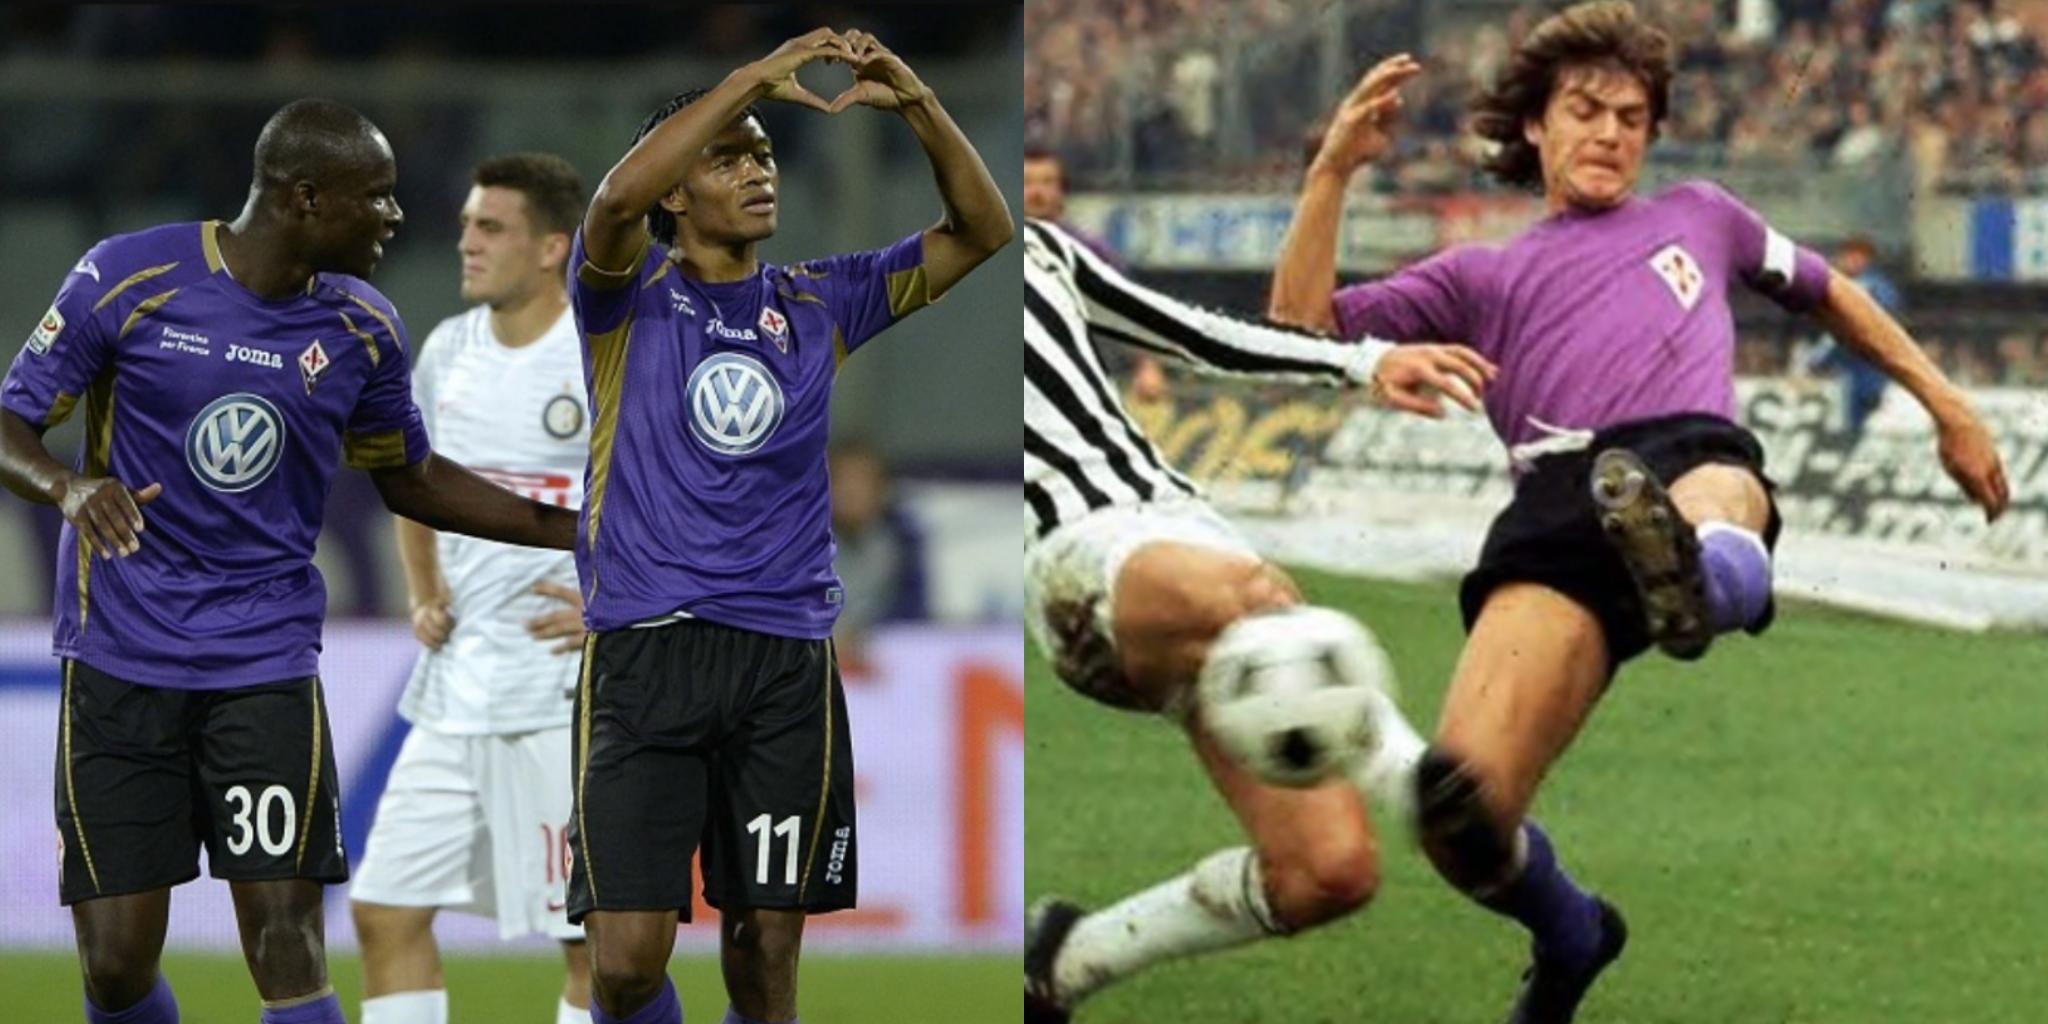 La nuova divisa della Fiorentina avrà il pantaloncino nero. Sarà ...